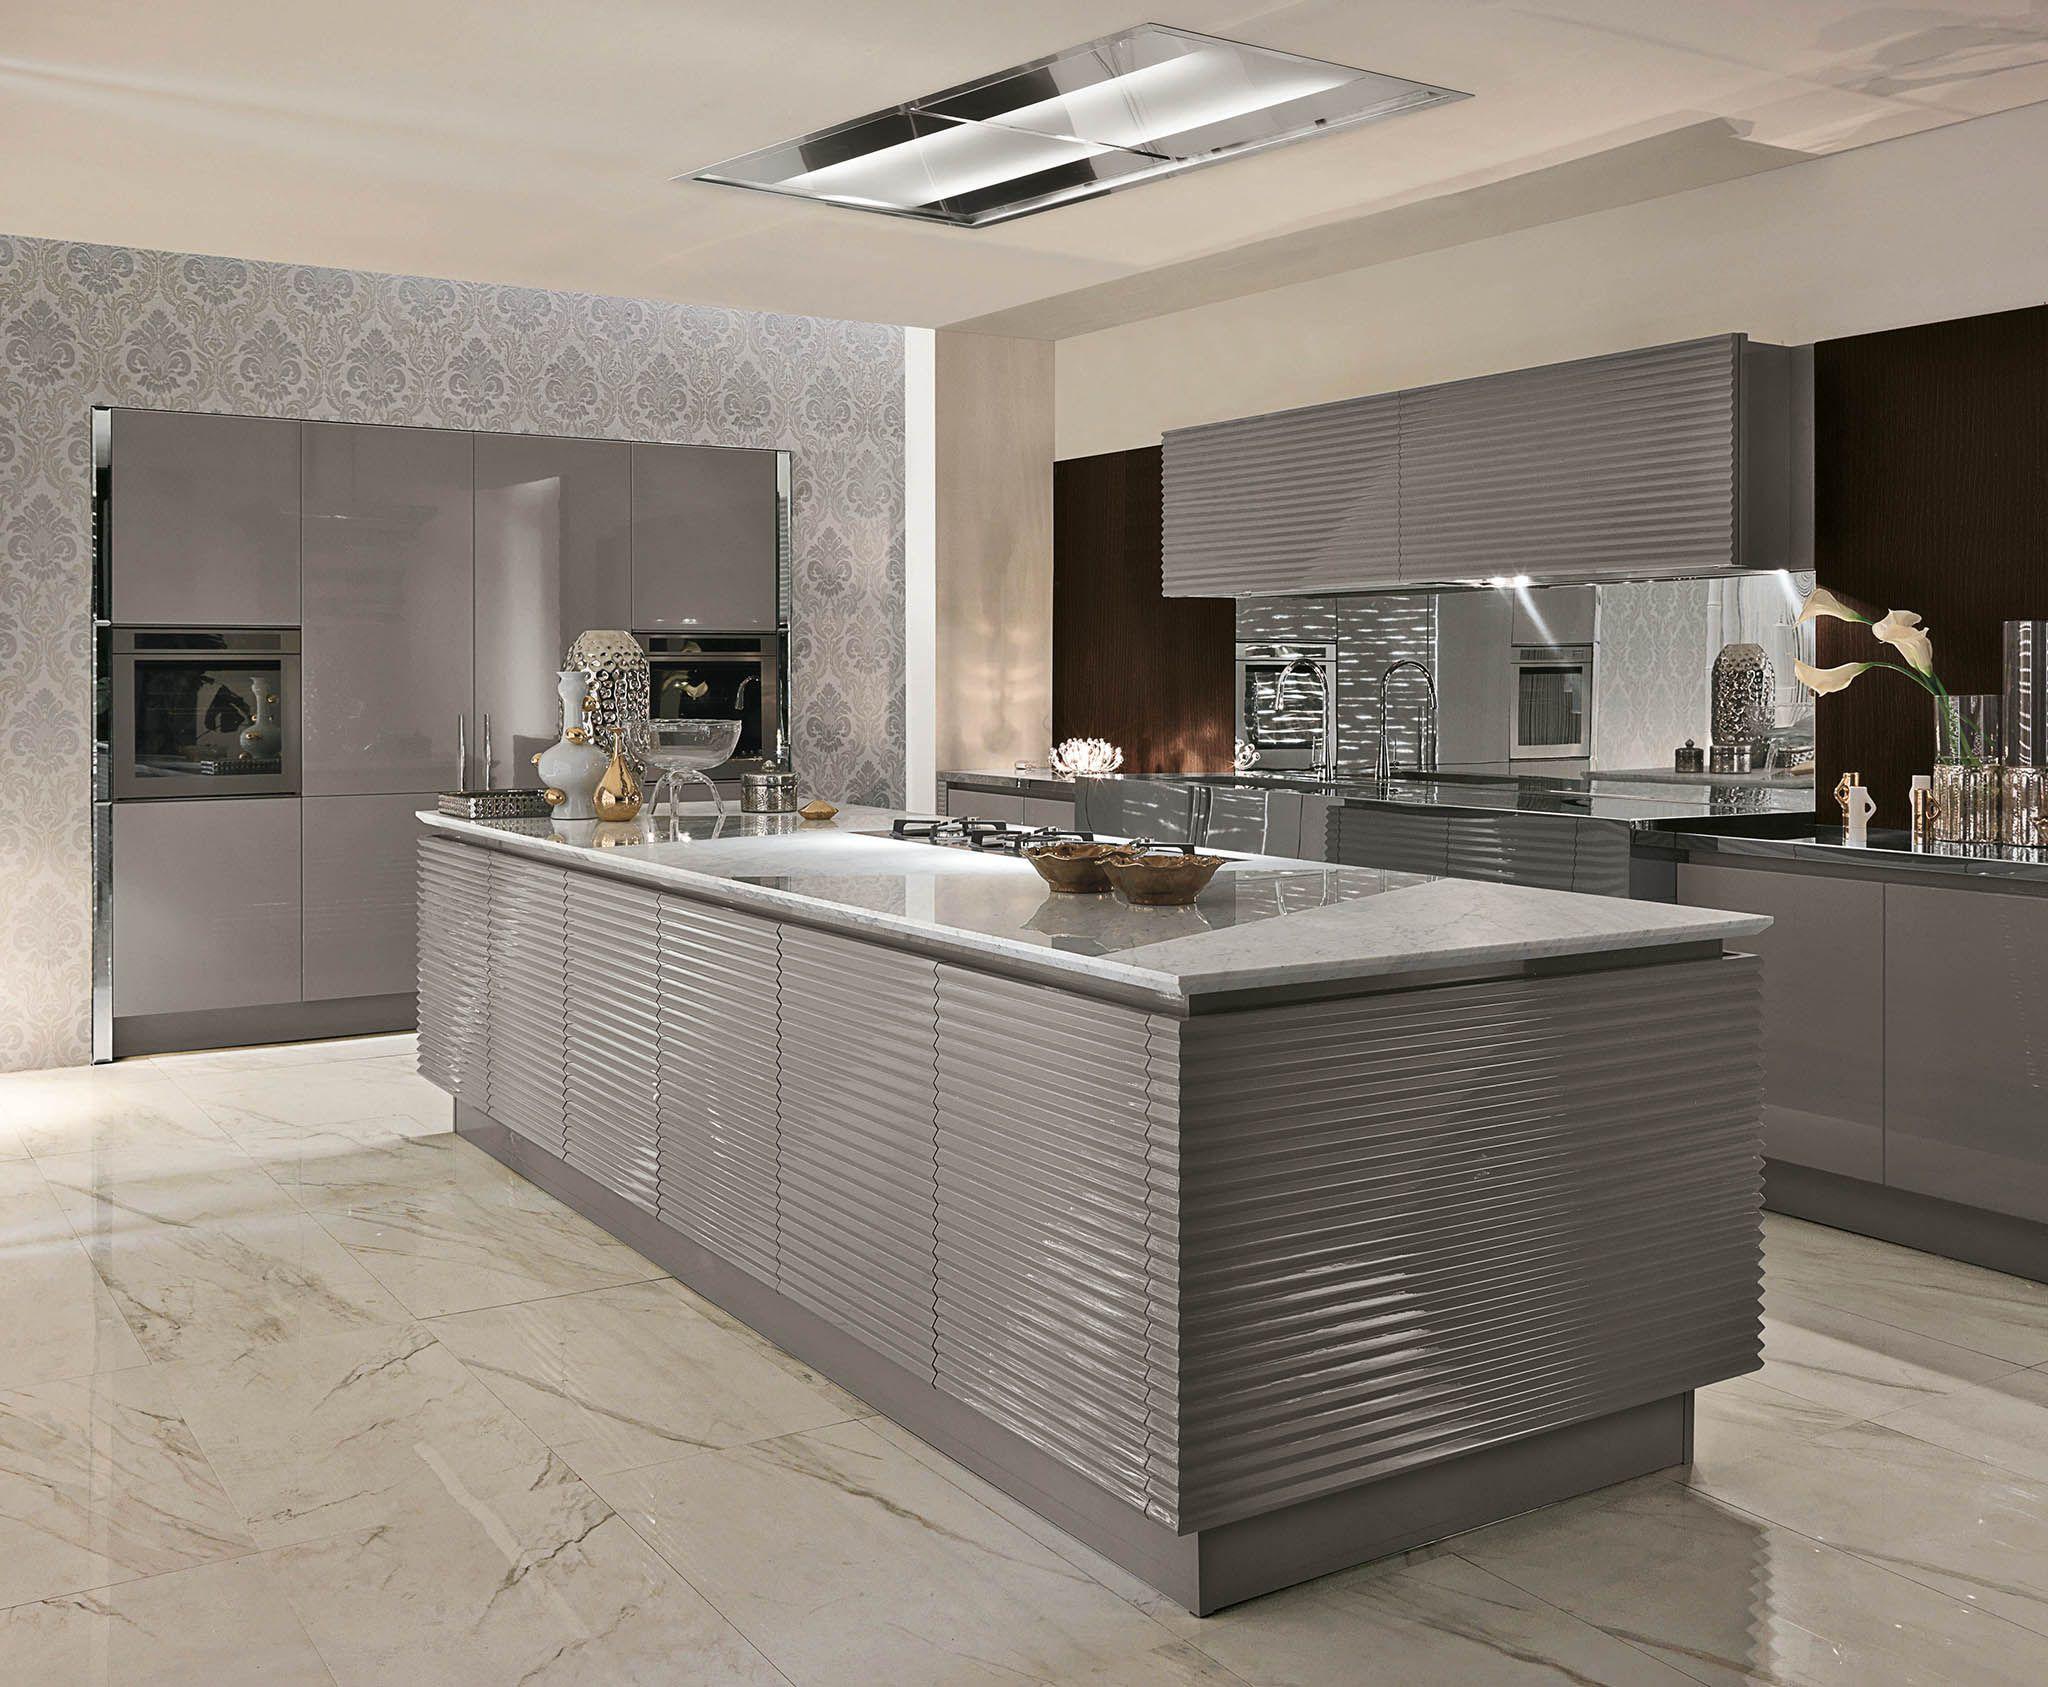 Aster | Collezioni - Cucine Moderne - Tradizionali - Luxury ...